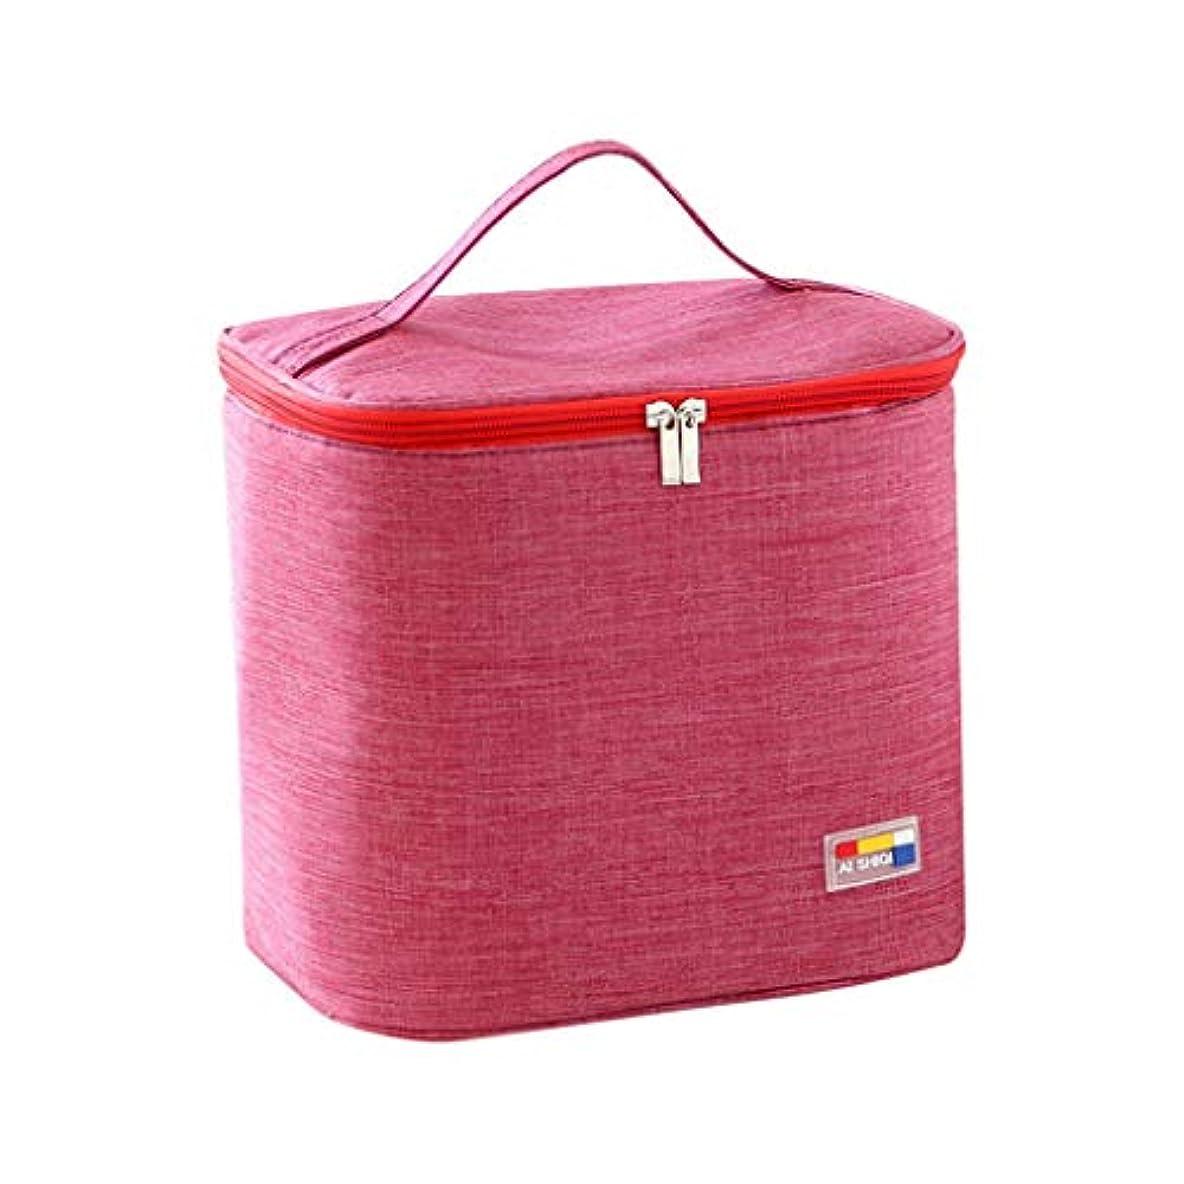 侮辱考えた定期的専用ランチバッグトートバッグ断熱性を向上キャンプに適していますシンプルなバッグイージーファッション絶縁バッグ冷蔵バッグポケットを描く冷却ハンドバッグ防水ハンドバッグ (A)